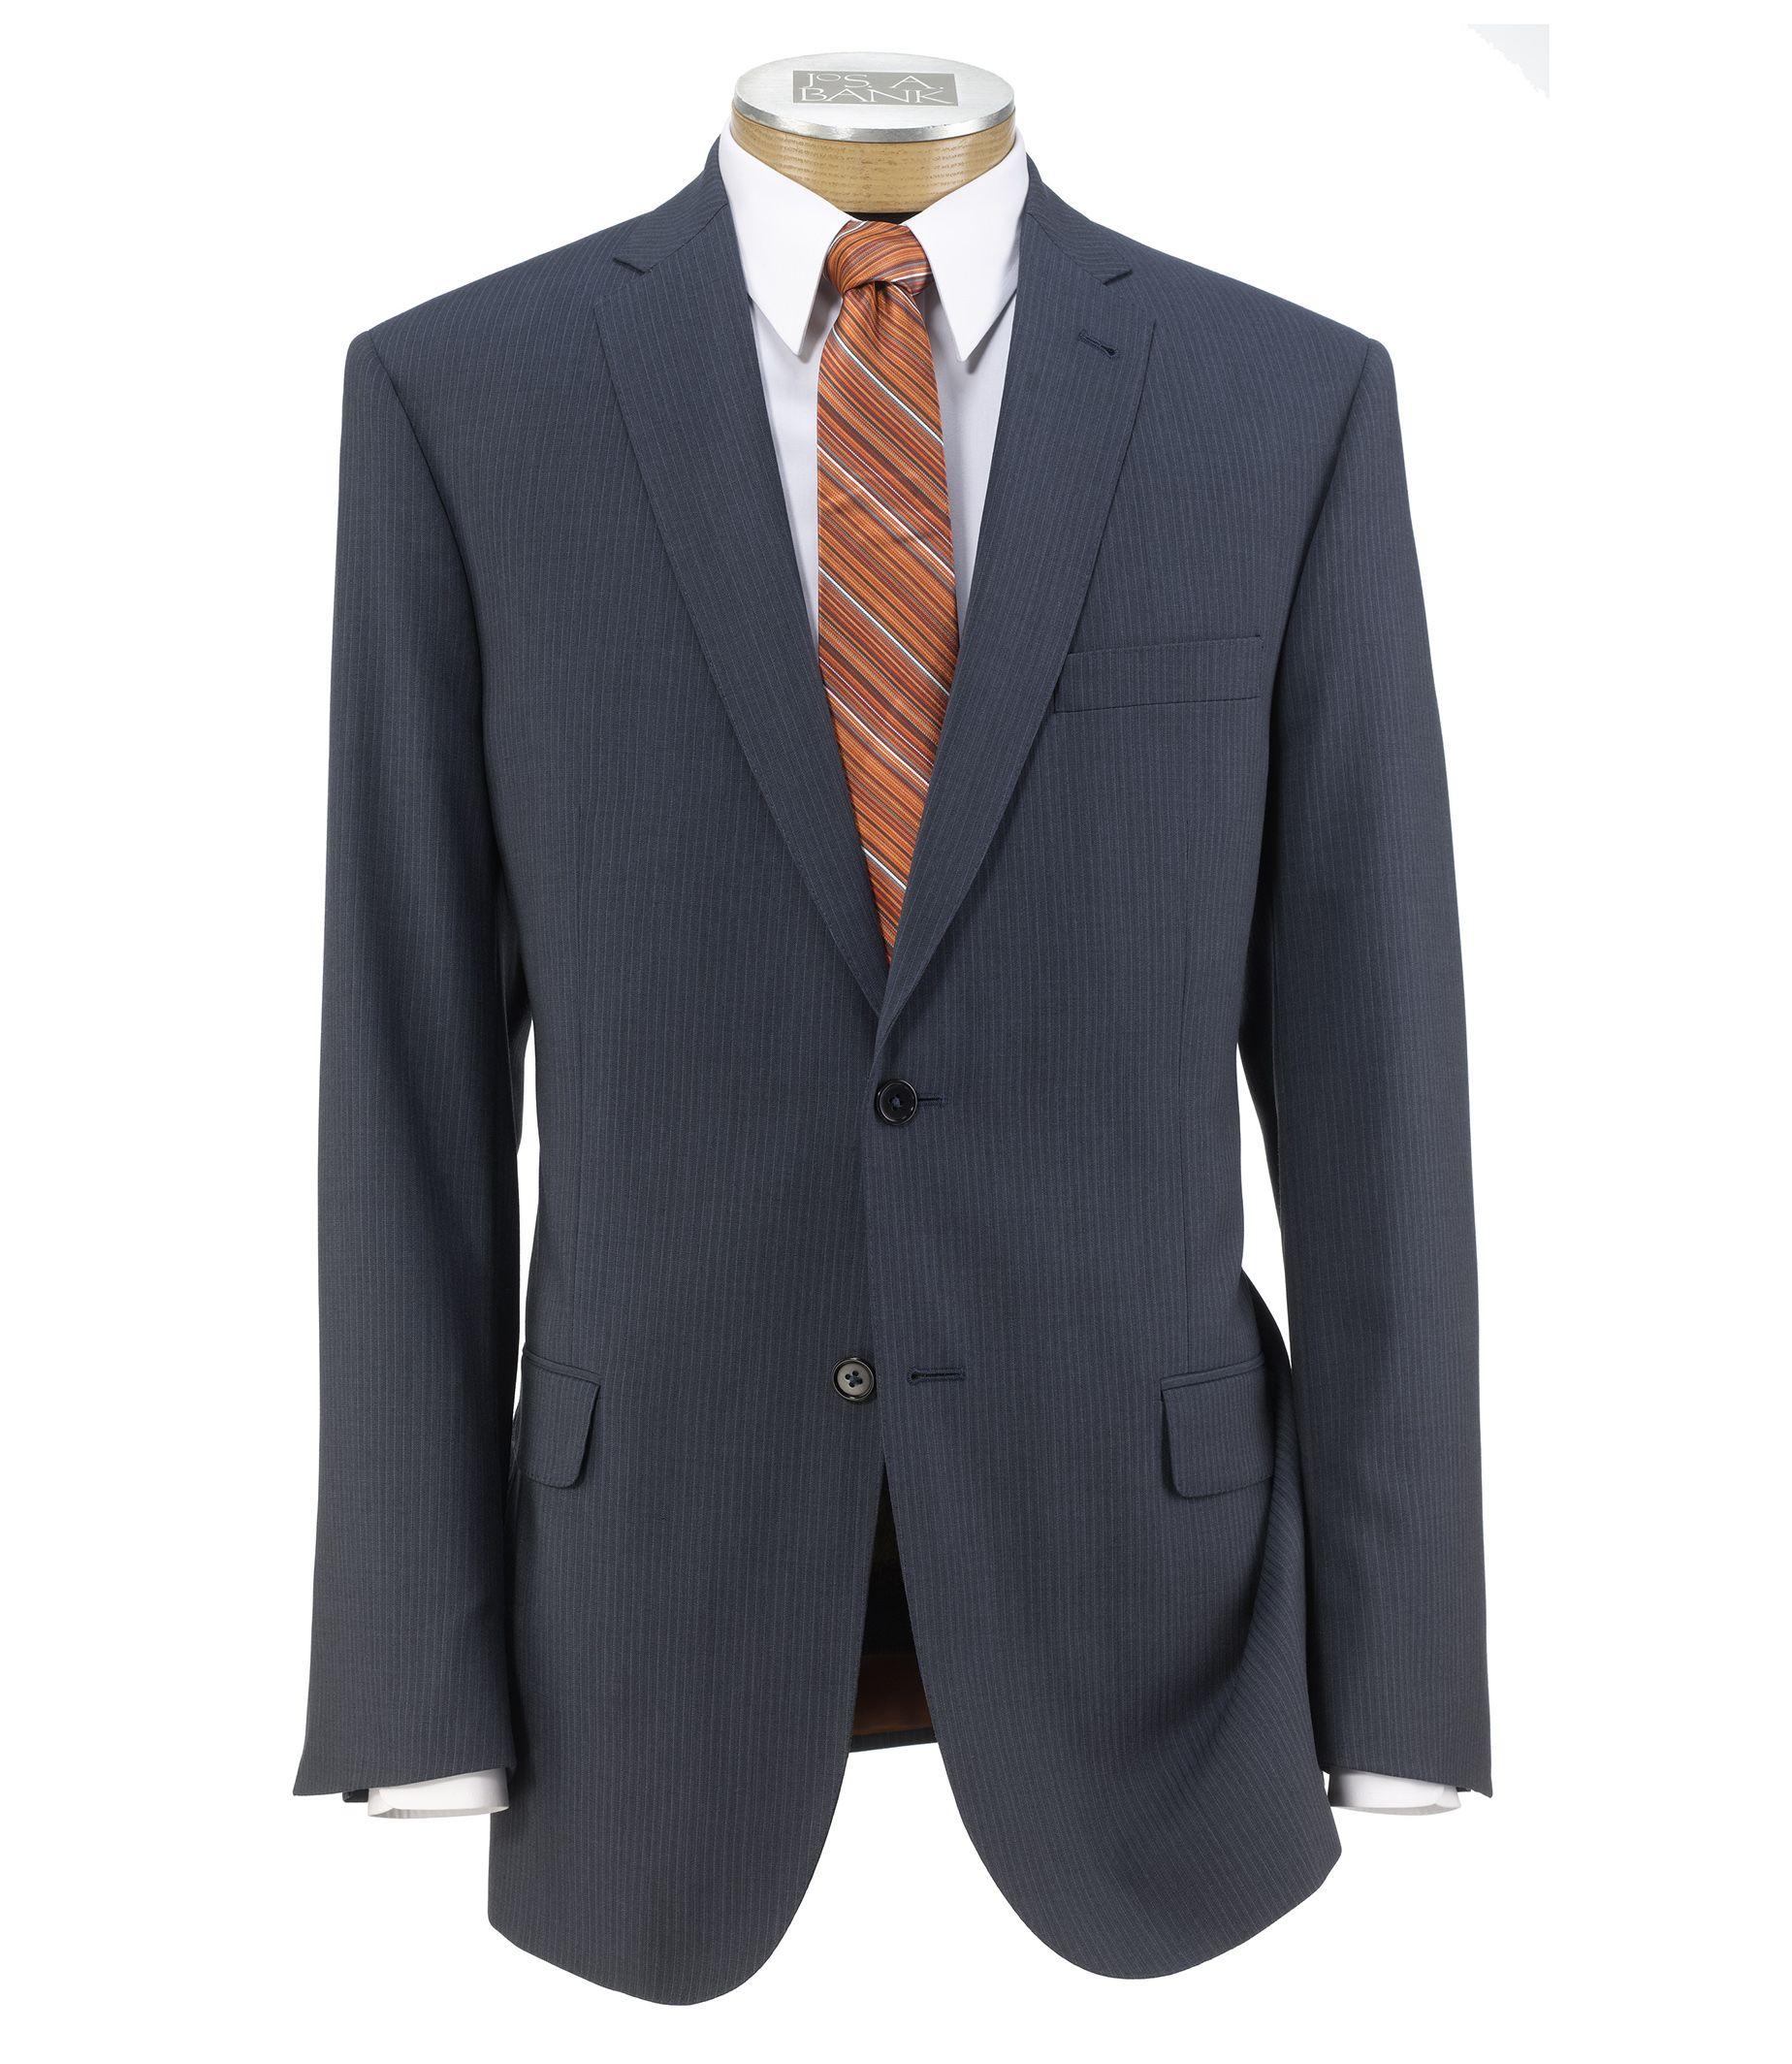 Joseph Slim Fit 2 Button Plain Front Wool Suit Extended Sizes-Mid Blue Pindot Stripe